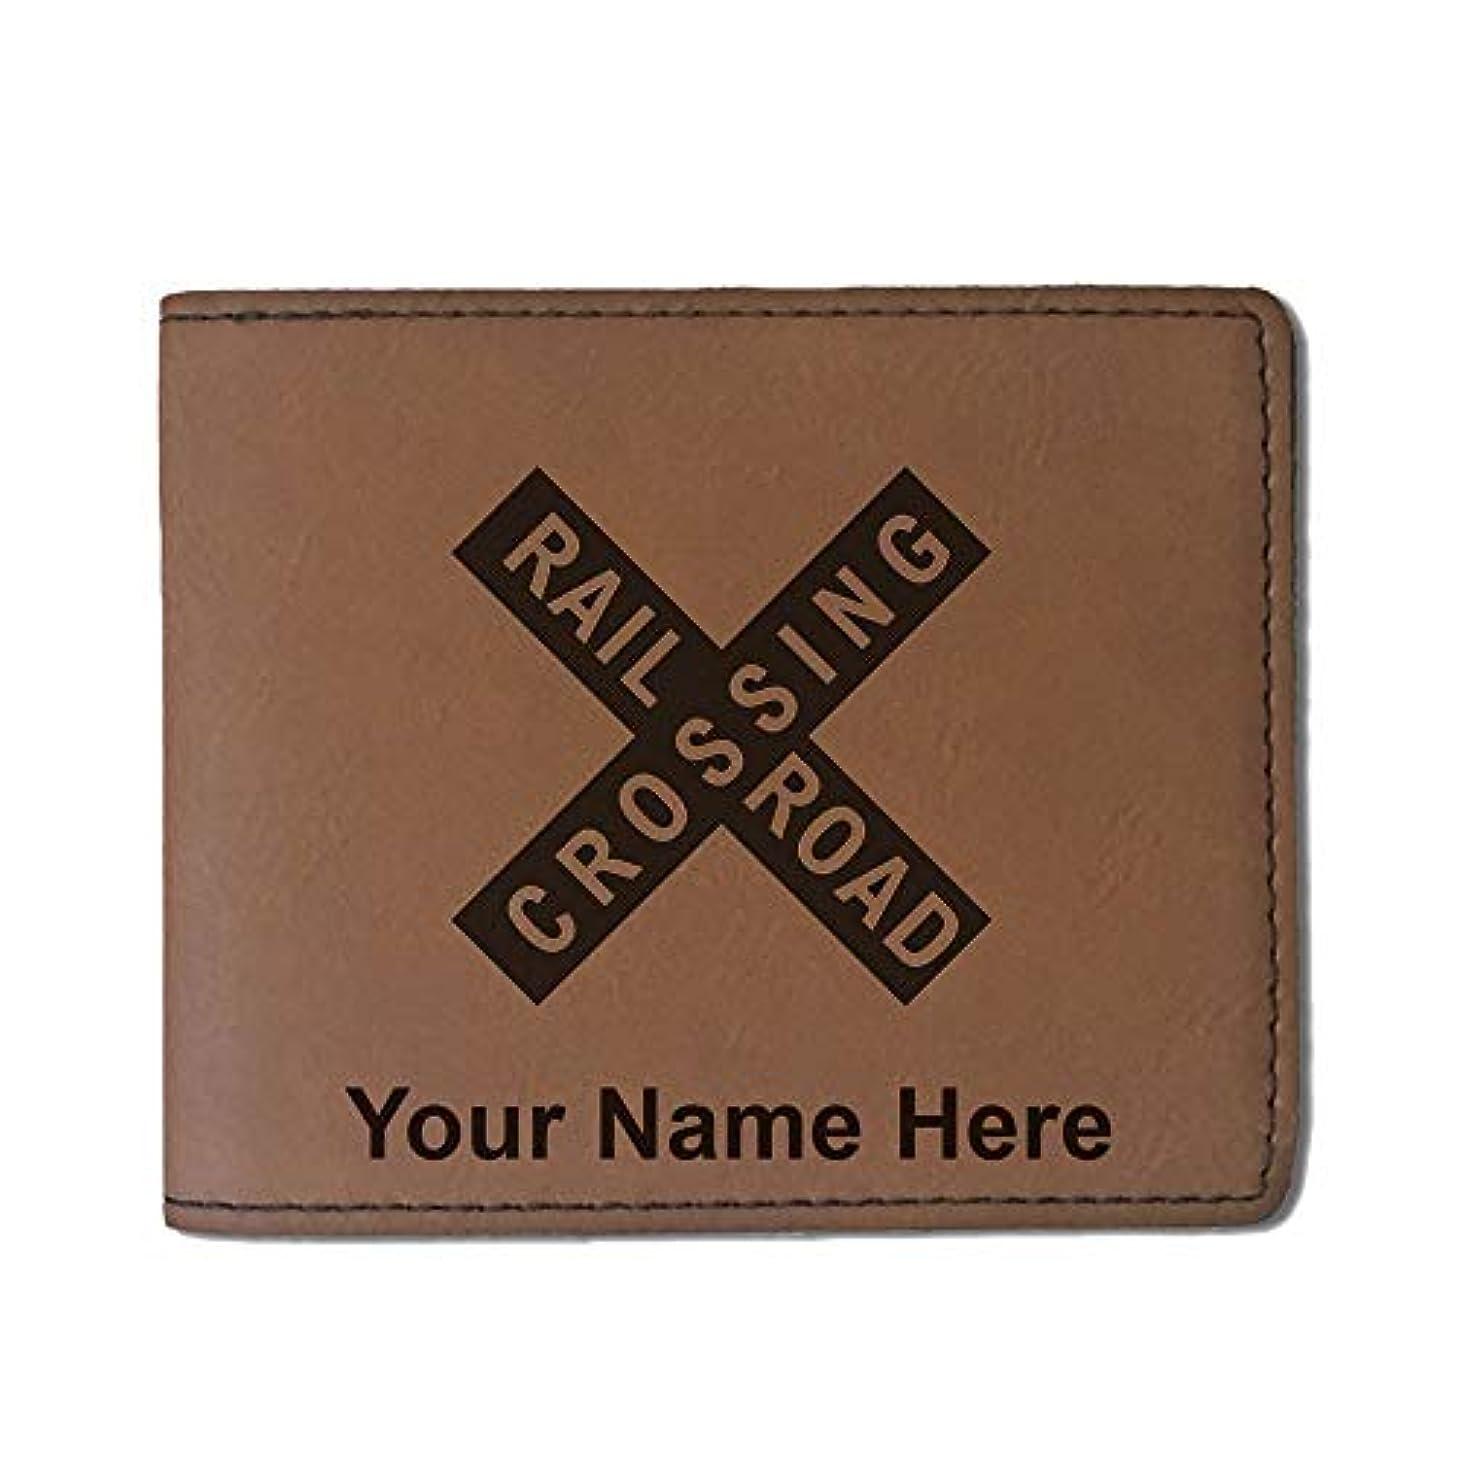 バン夢大宇宙フェイクレザー財布 – Railroad Crossing Sign 1 – カスタマイズ彫刻Included (ダークブラウン)